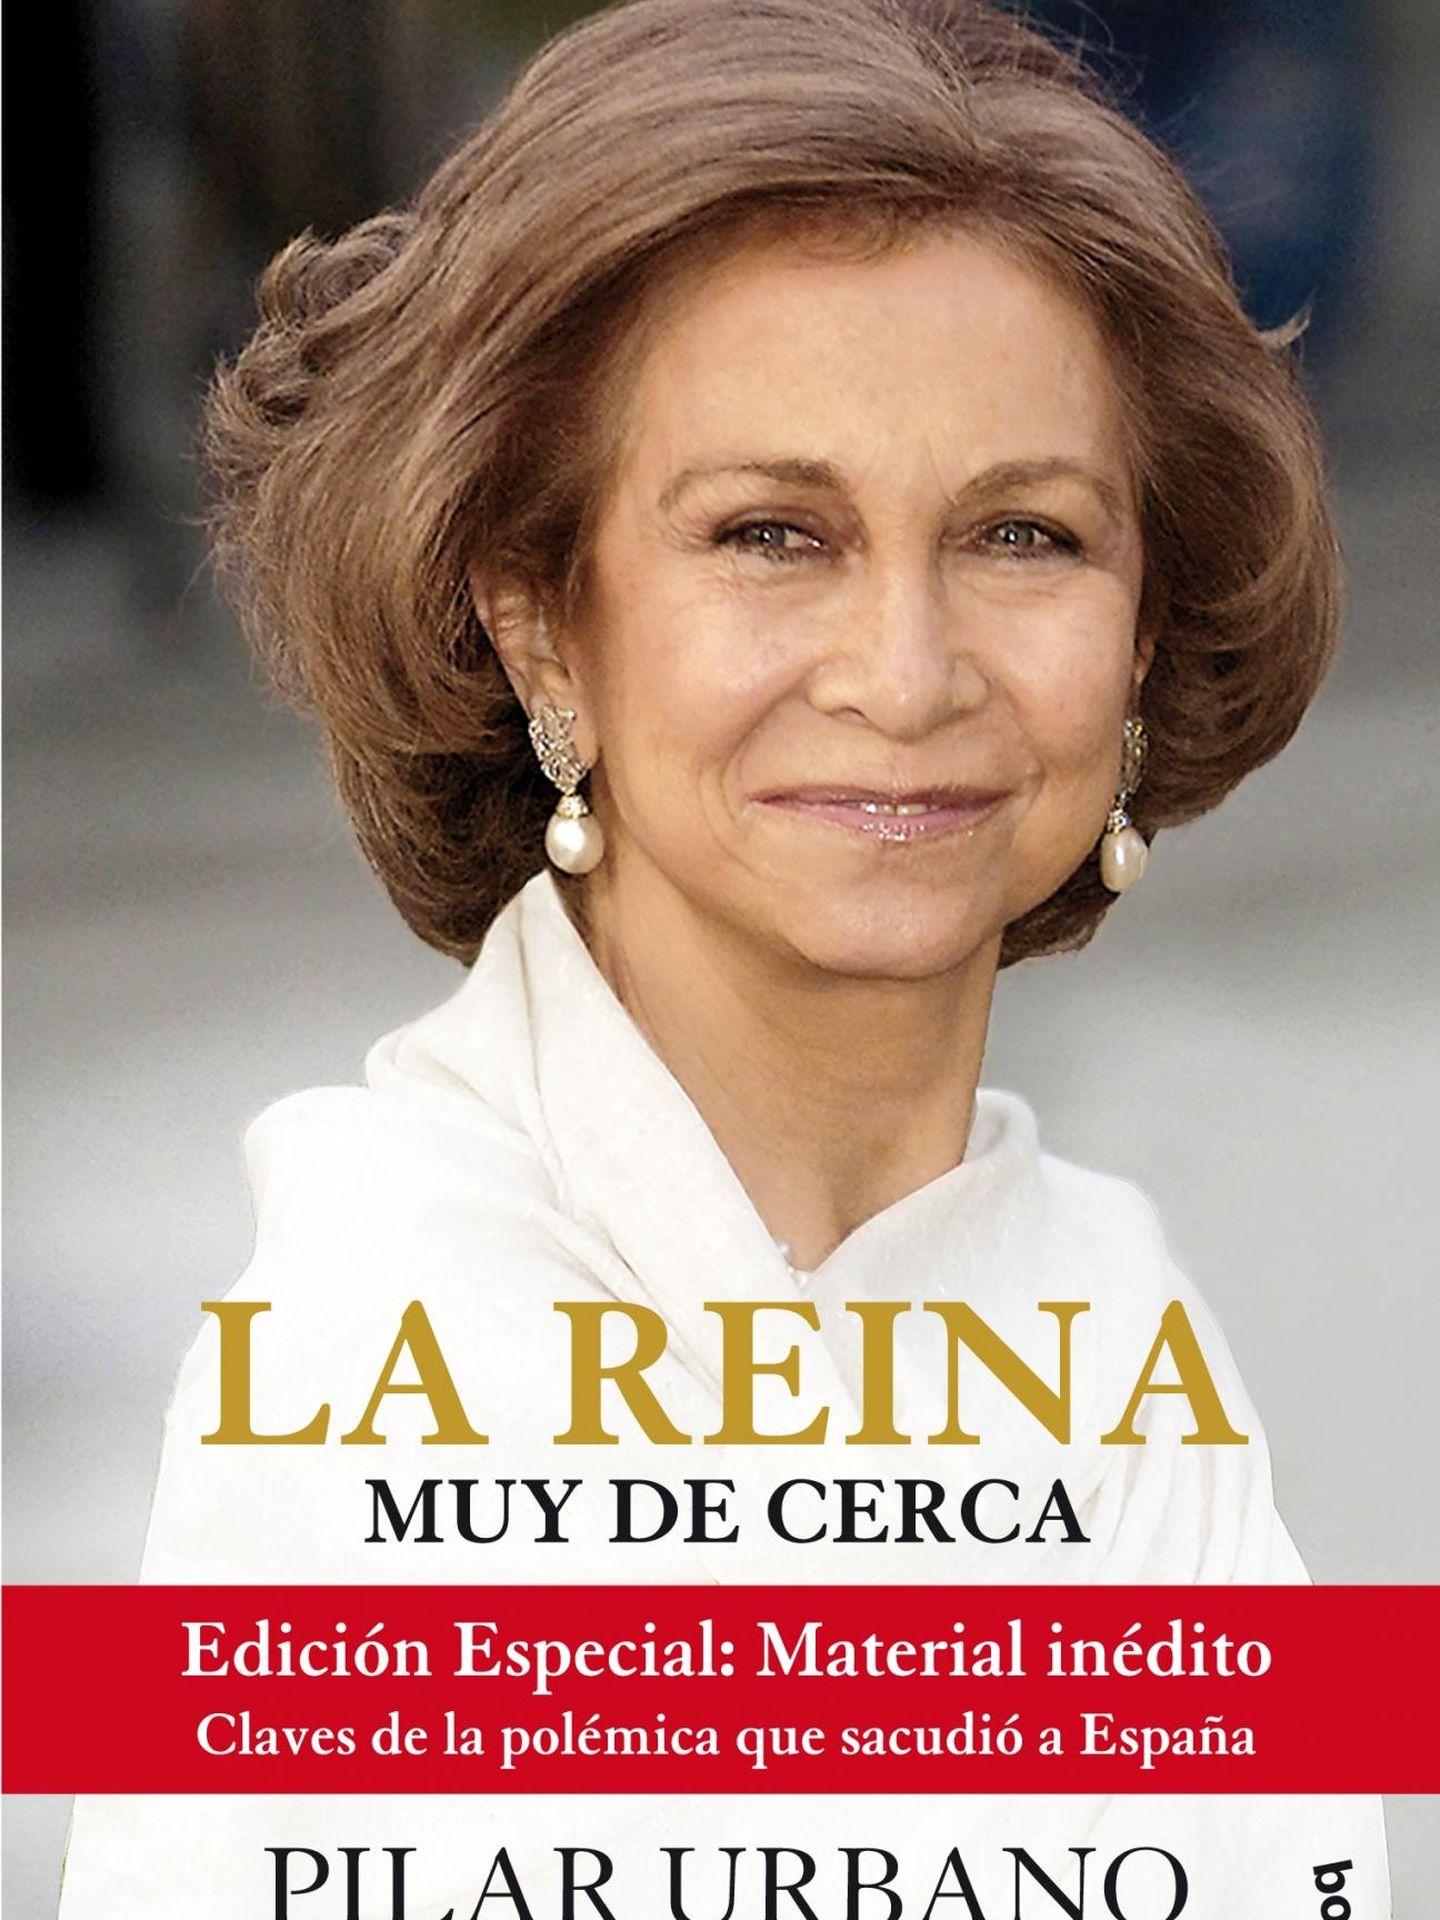 Portada del libro de Pilar Urbano.